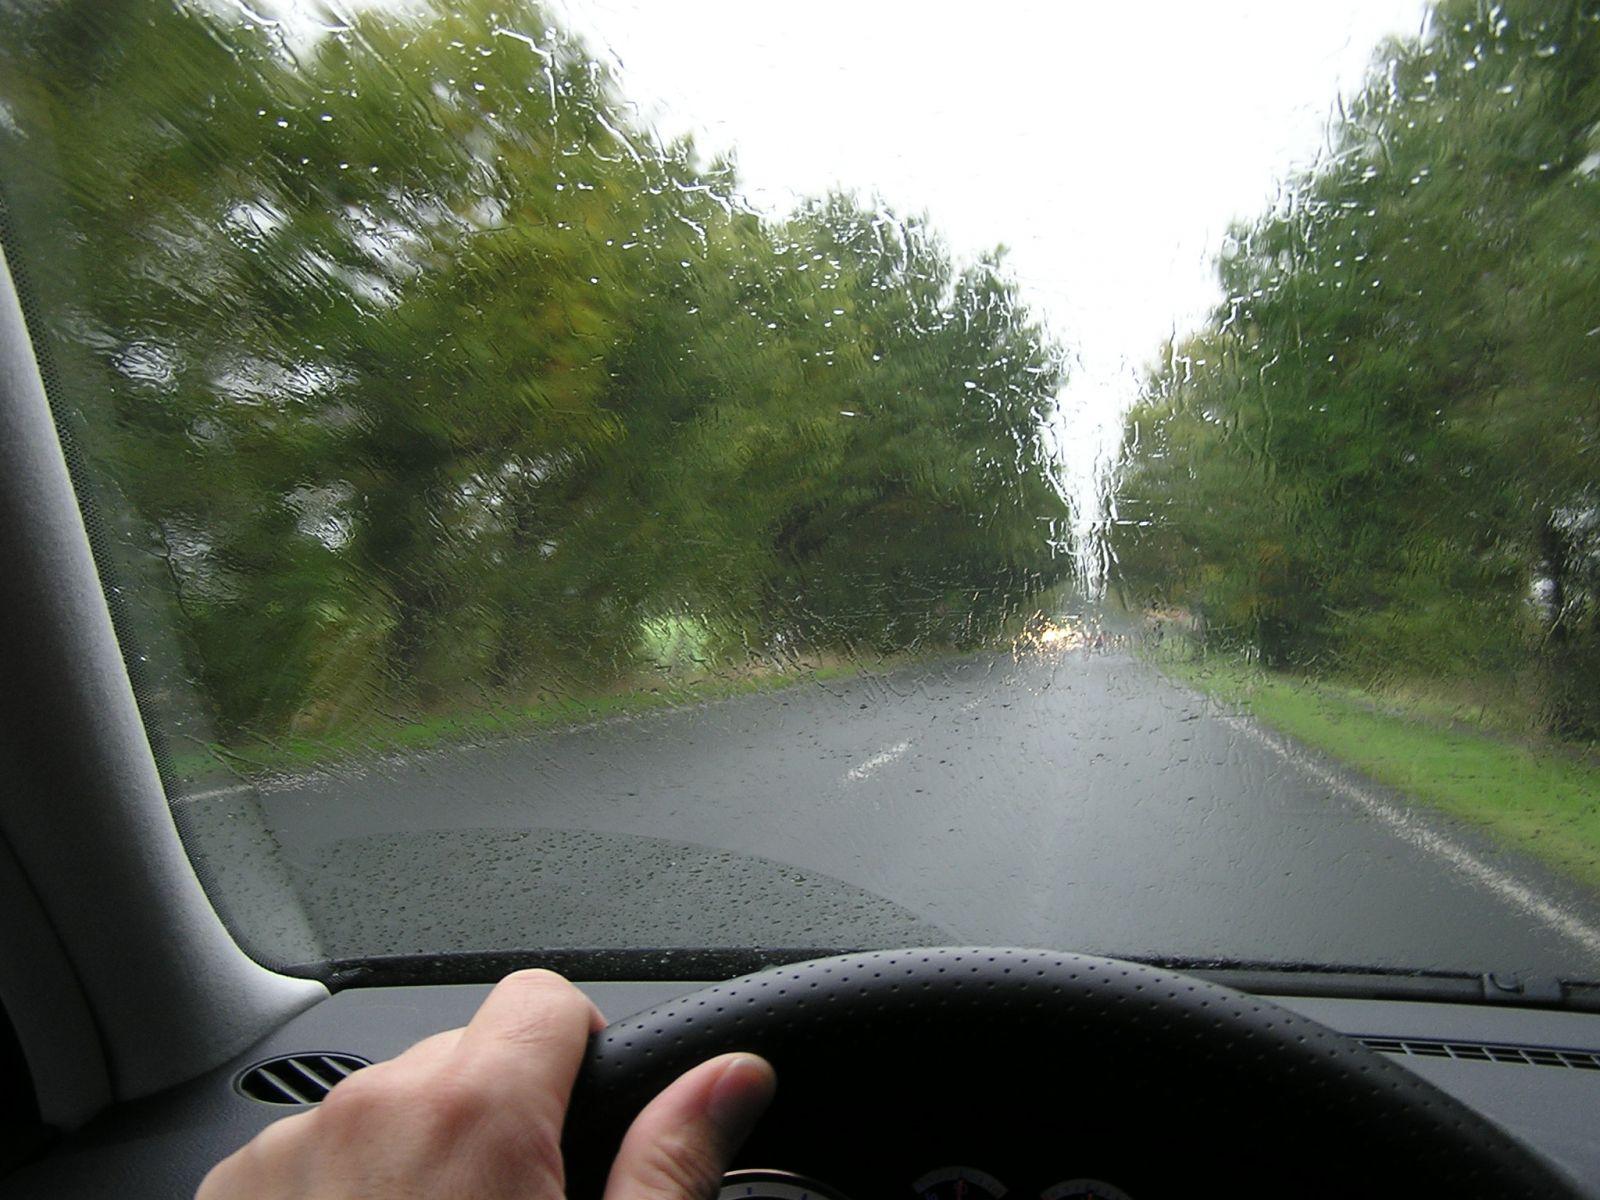 Dirigindo na chuva